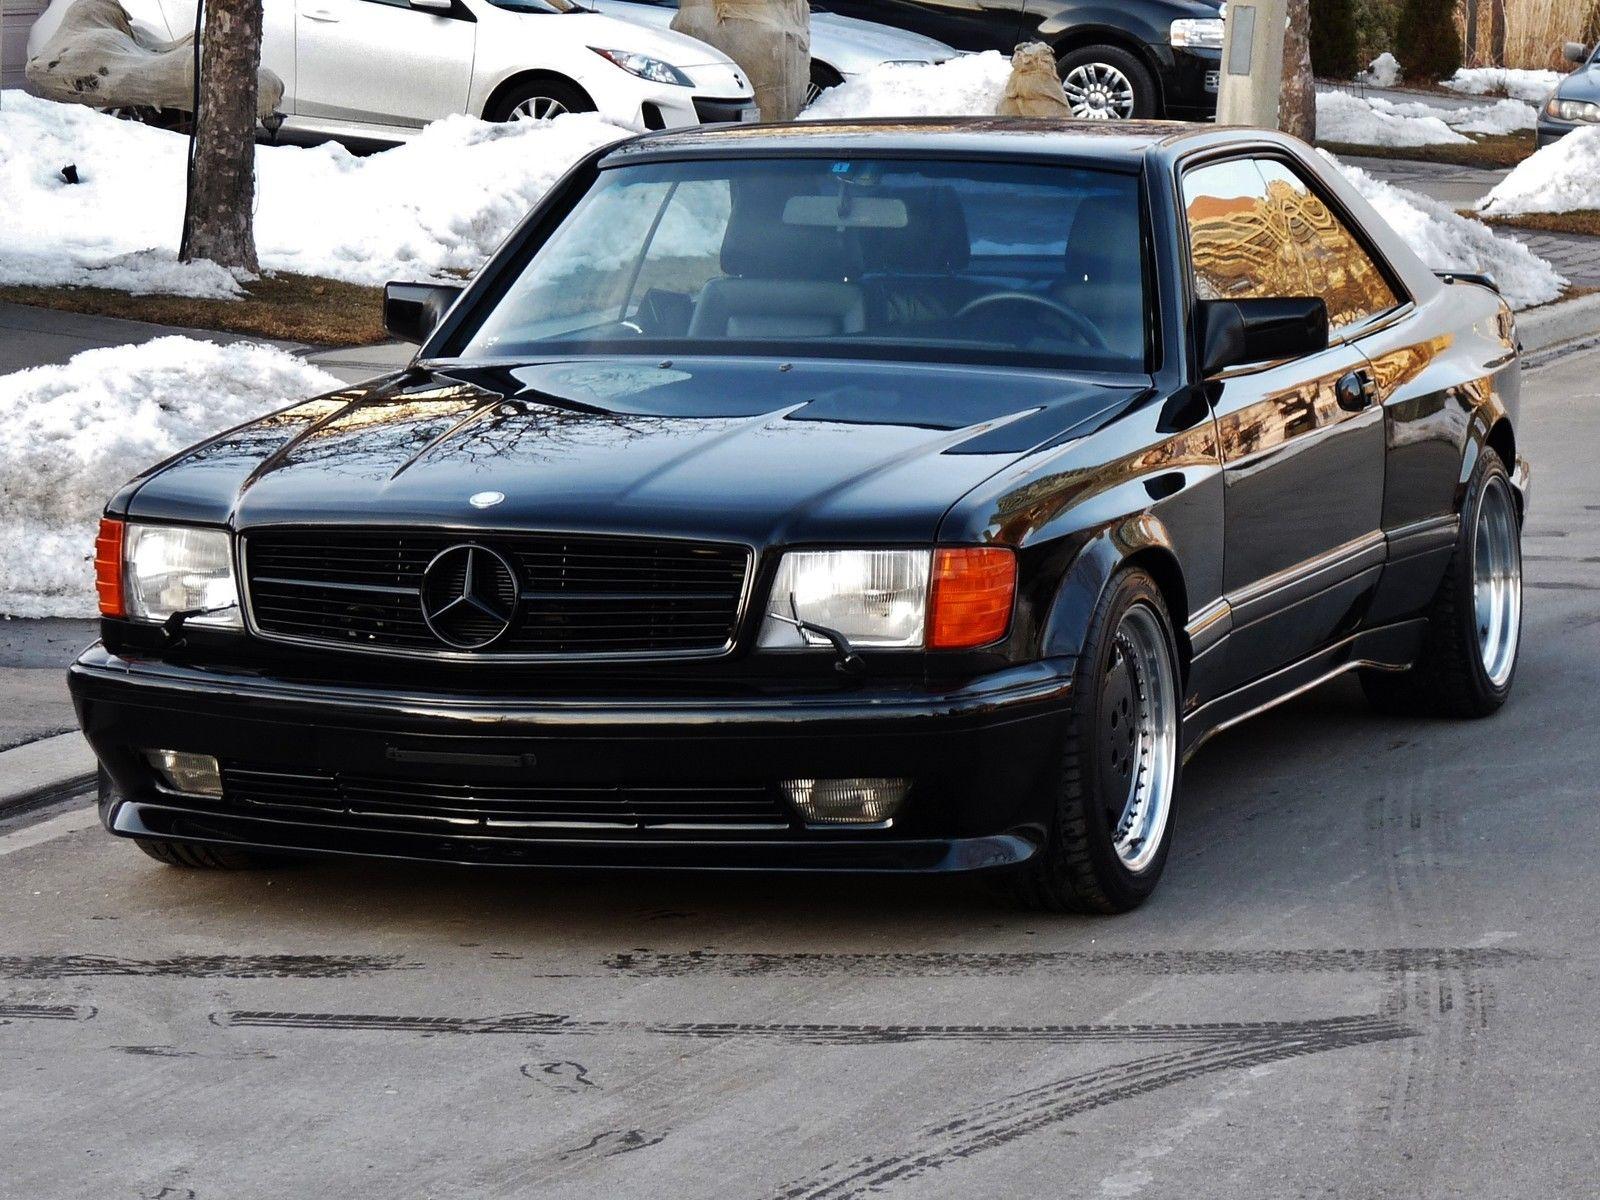 Mercedes Benz W126 Amg Sec Gallery Silver Machines Club